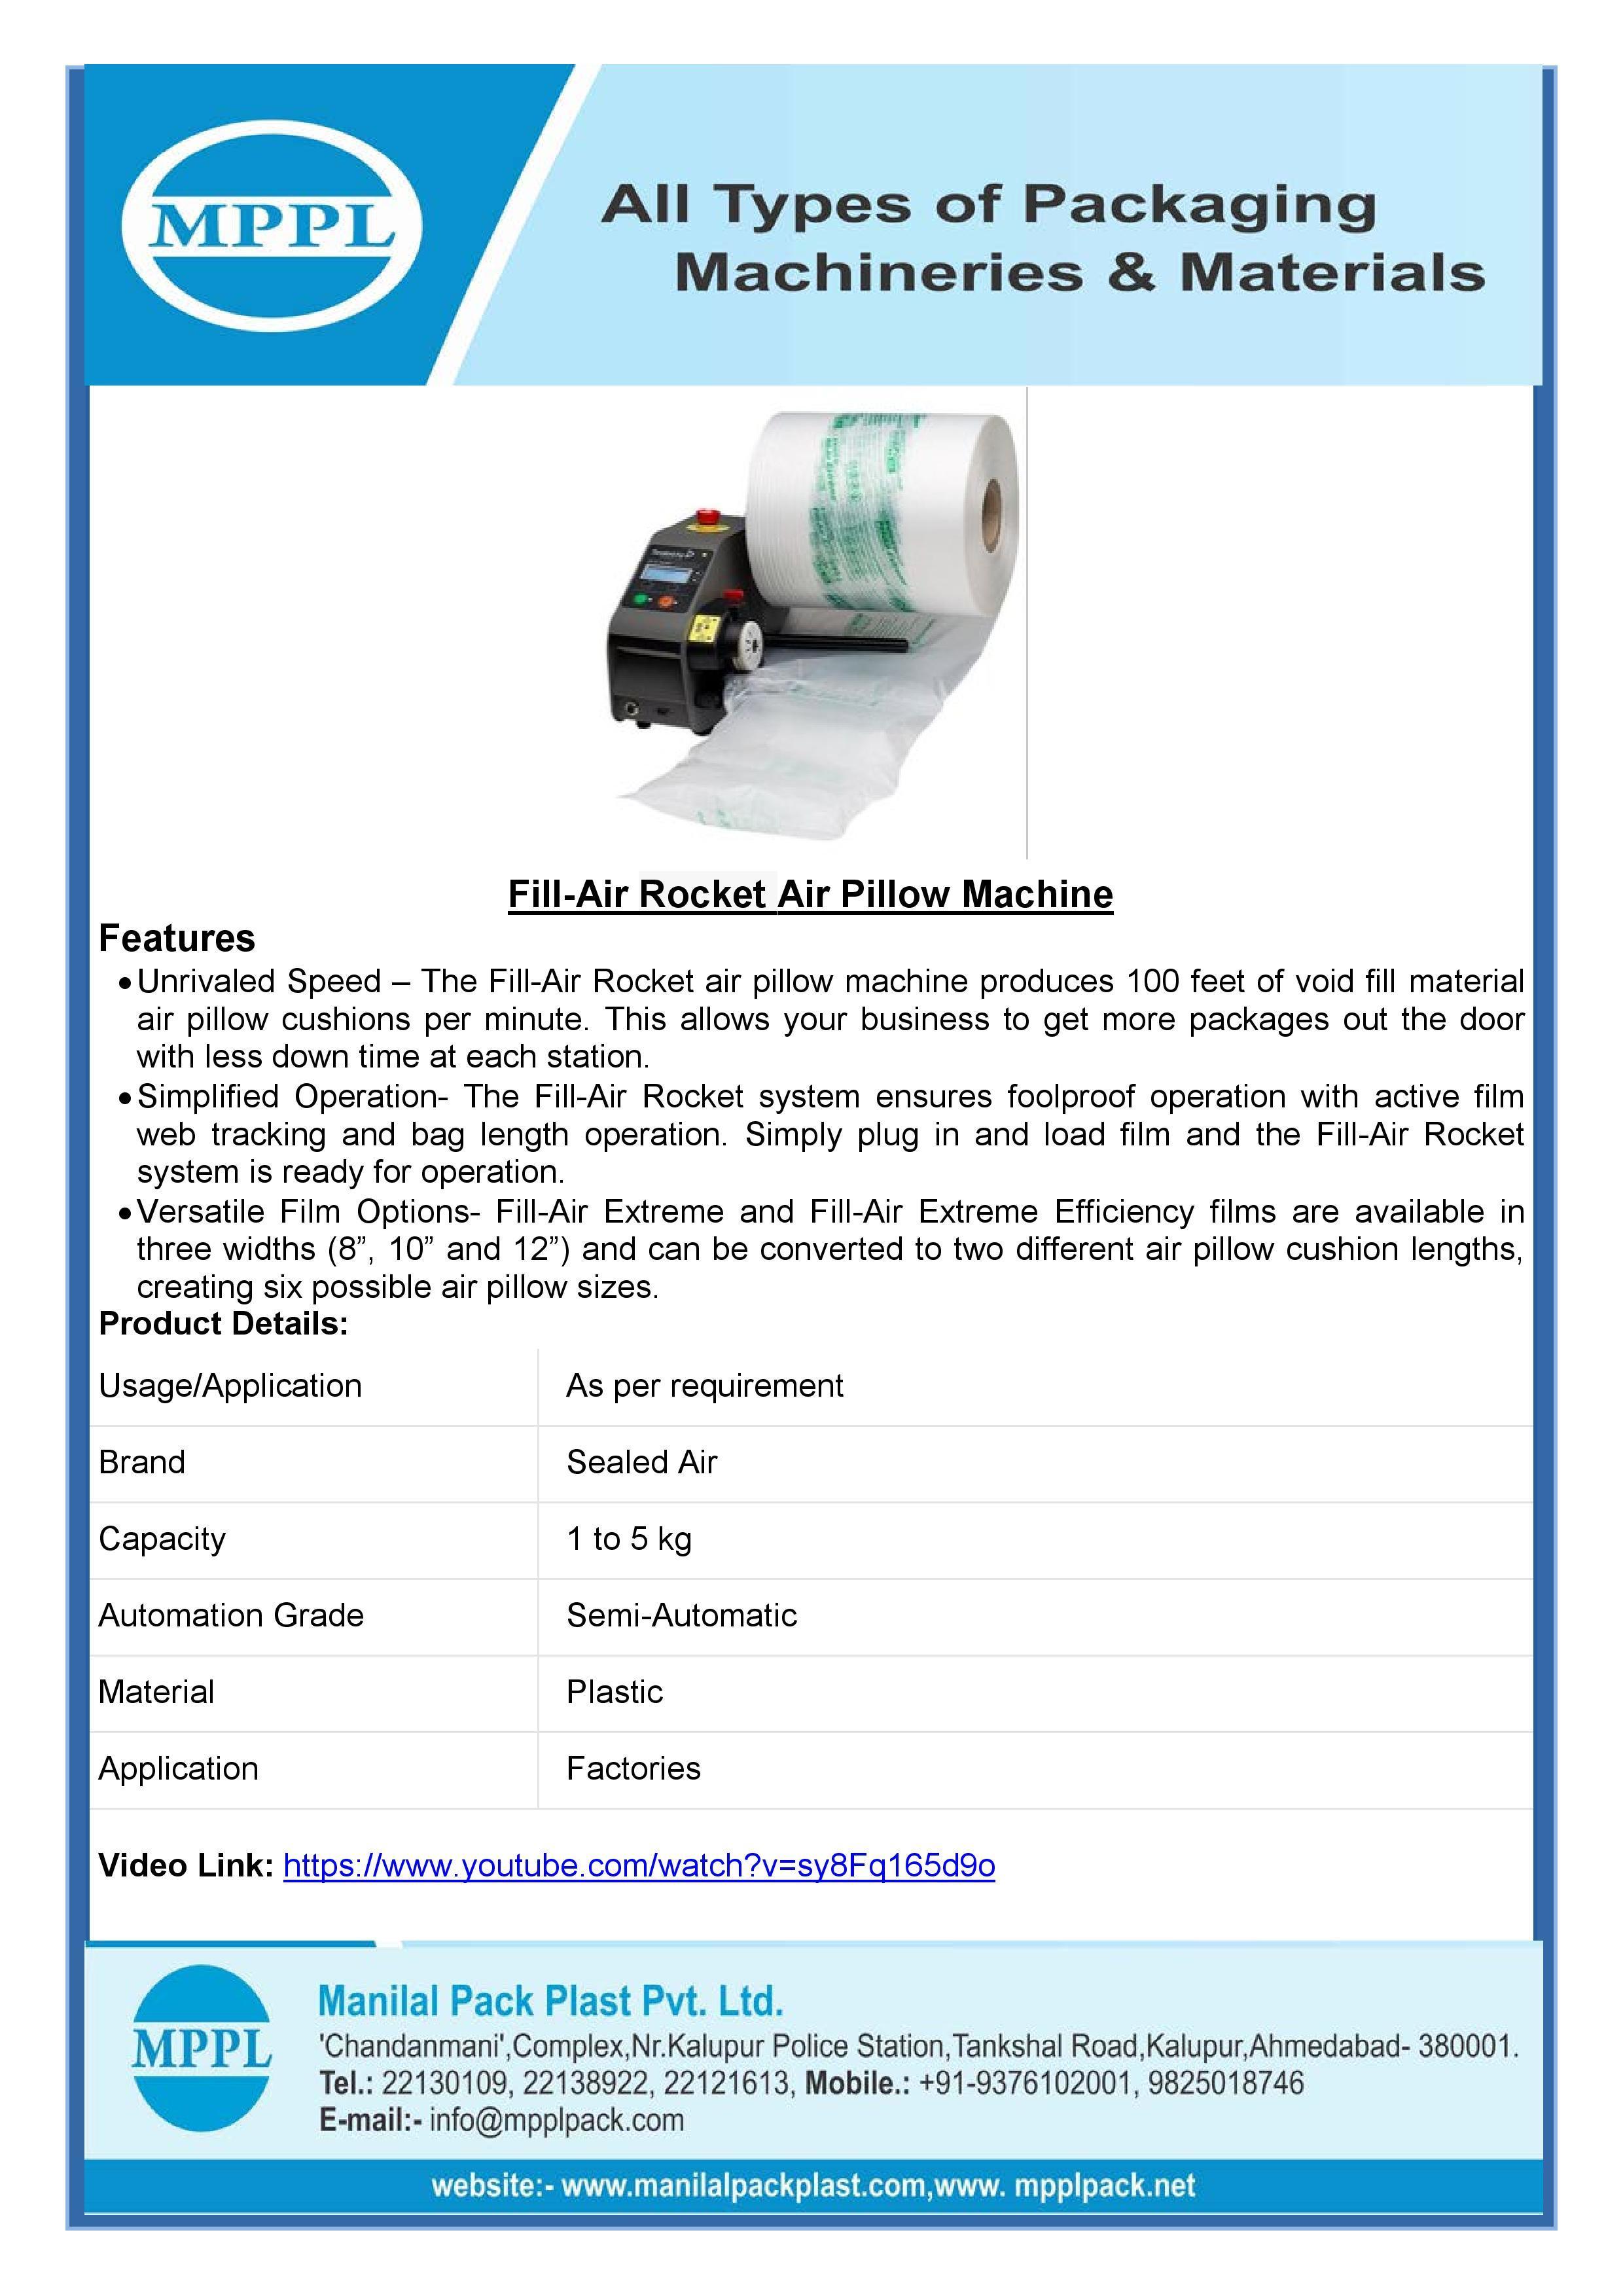 Fill-Air RF Air Pillow Machine